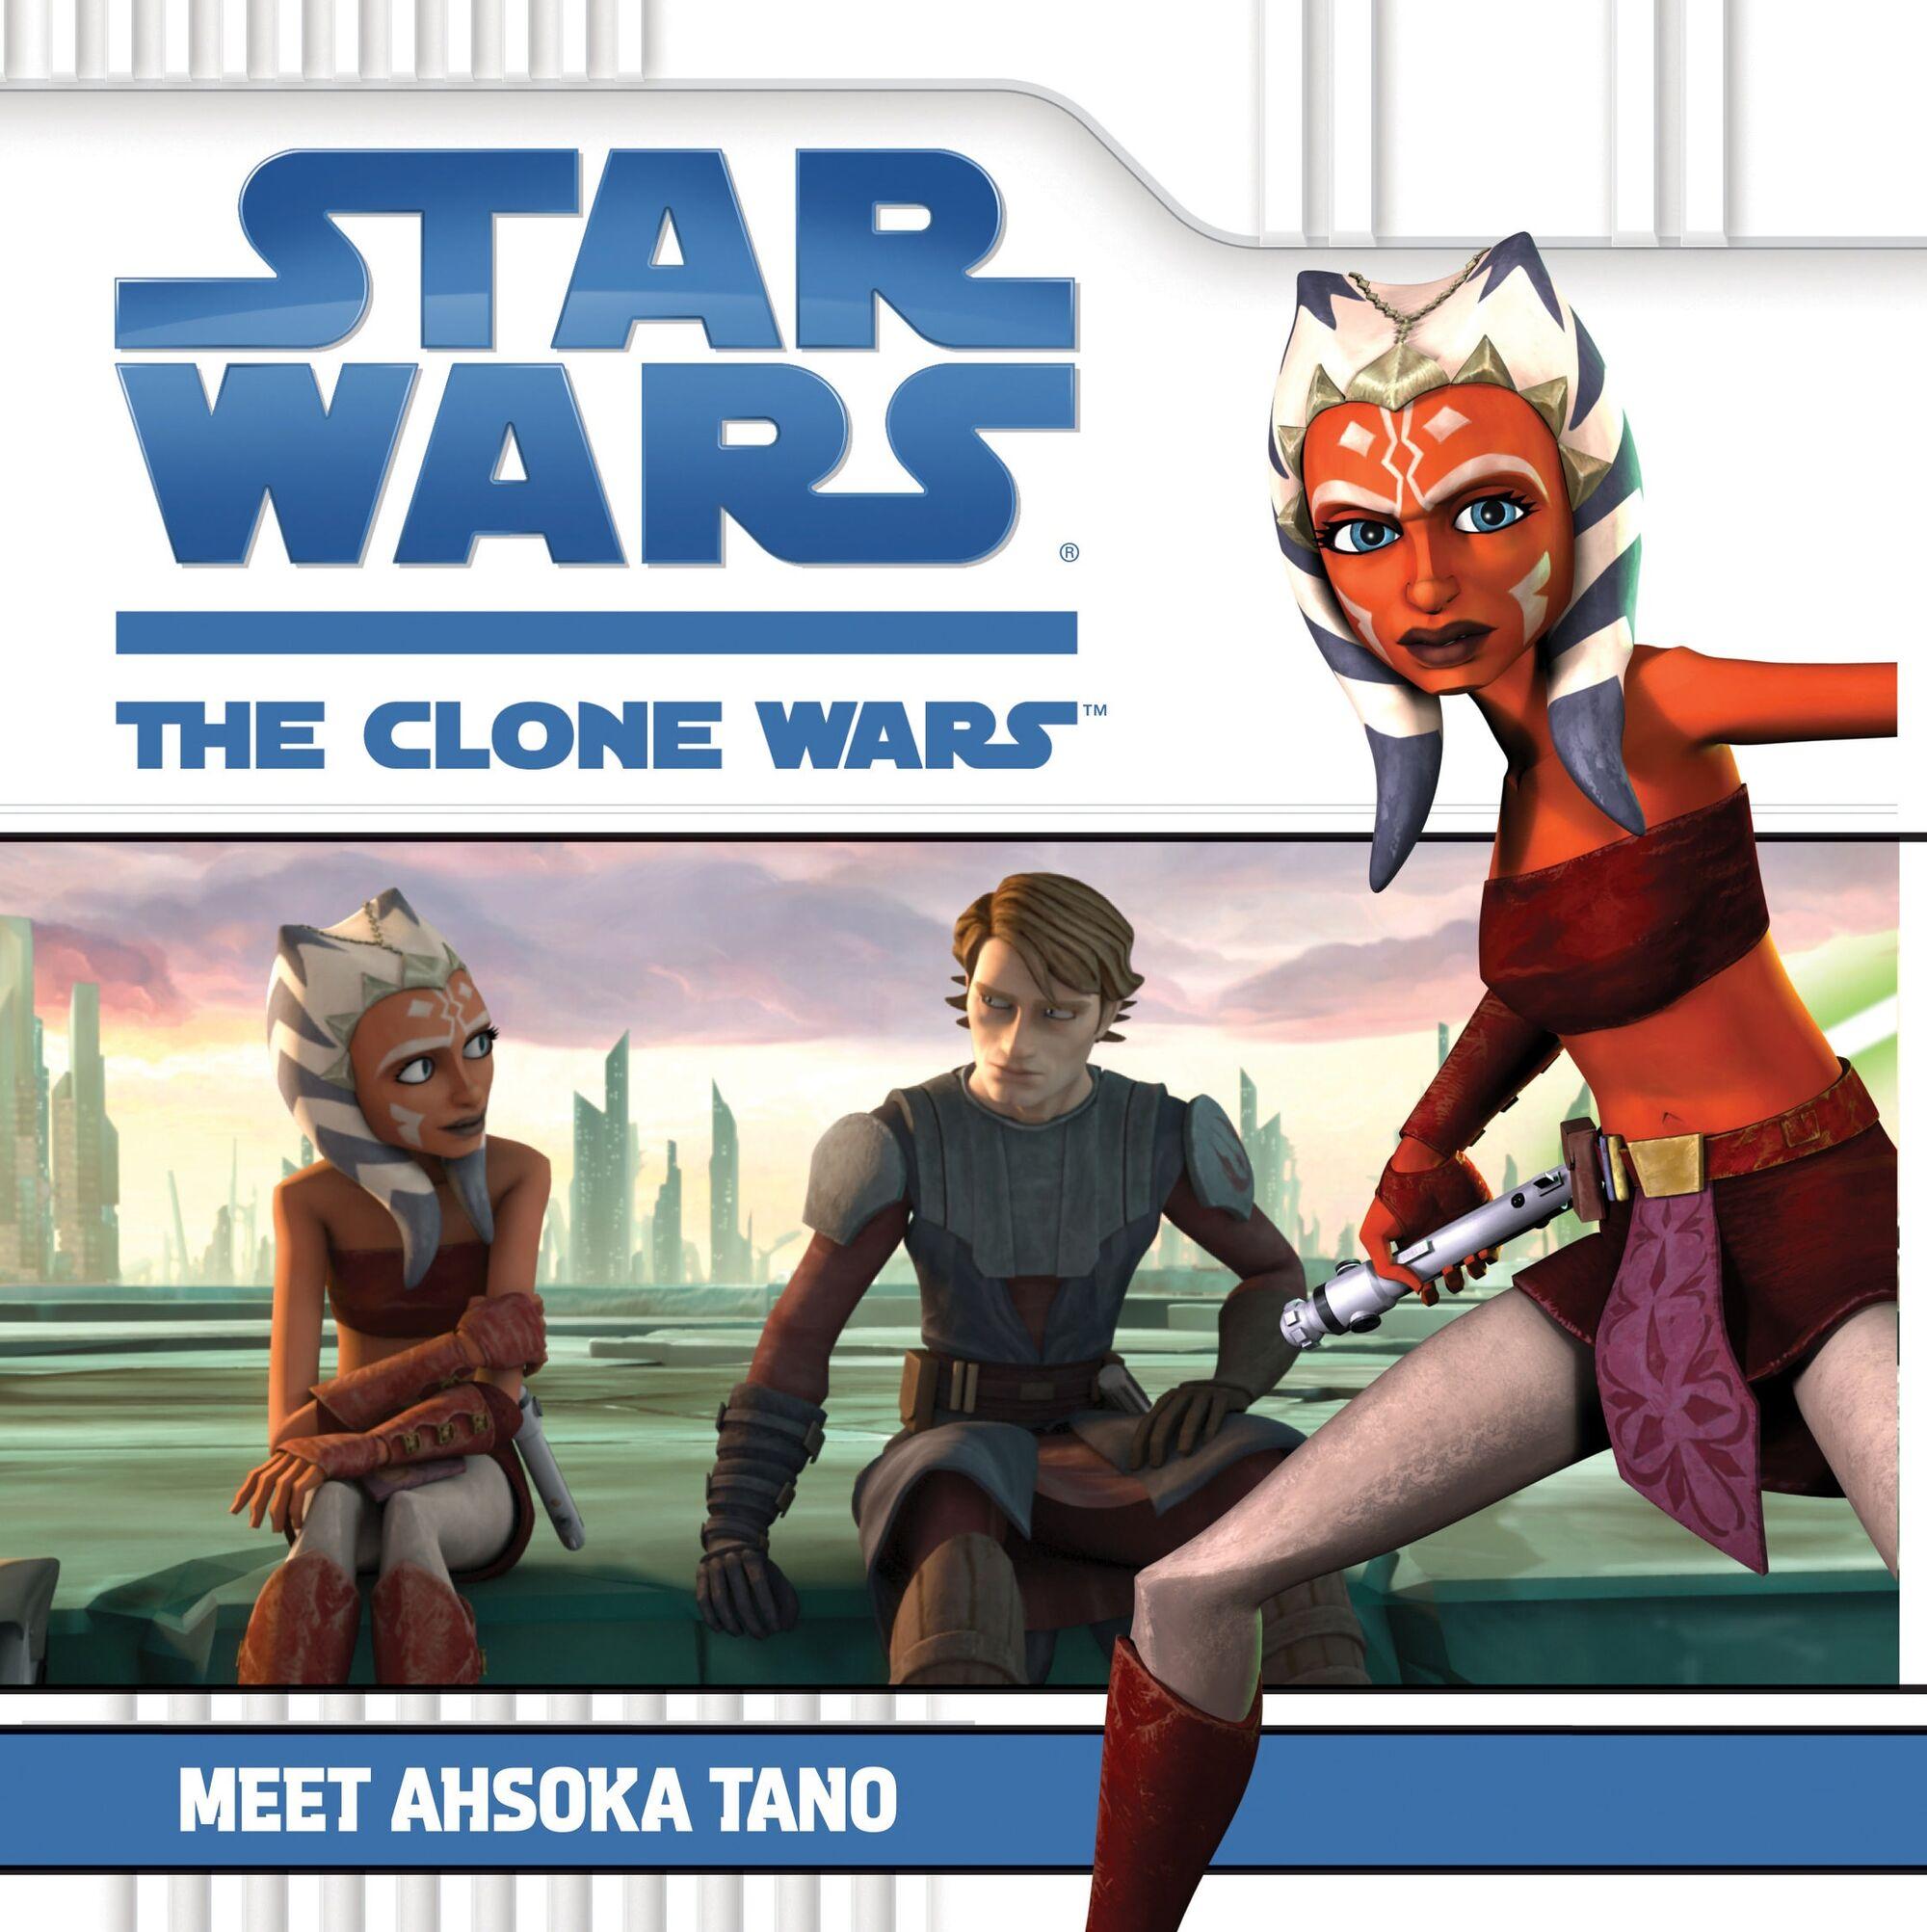 Star wars the clone wars ahsoka tano  naked scenes